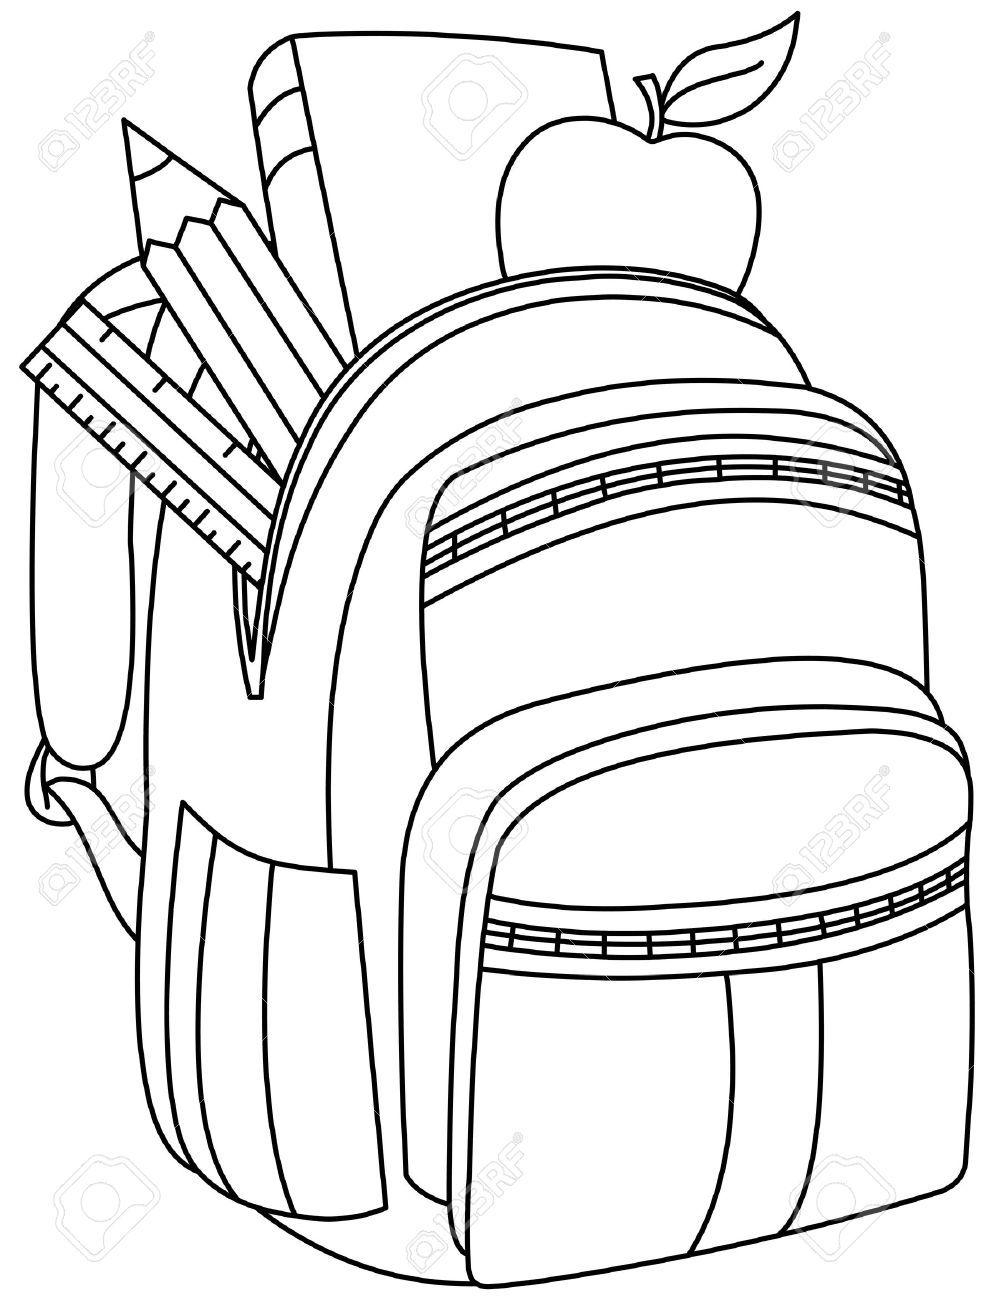 Dibujos De Mochilas Para Colorear Buscar Con Google School Coloring Pages Coloring Pages Free Printable Coloring Pages